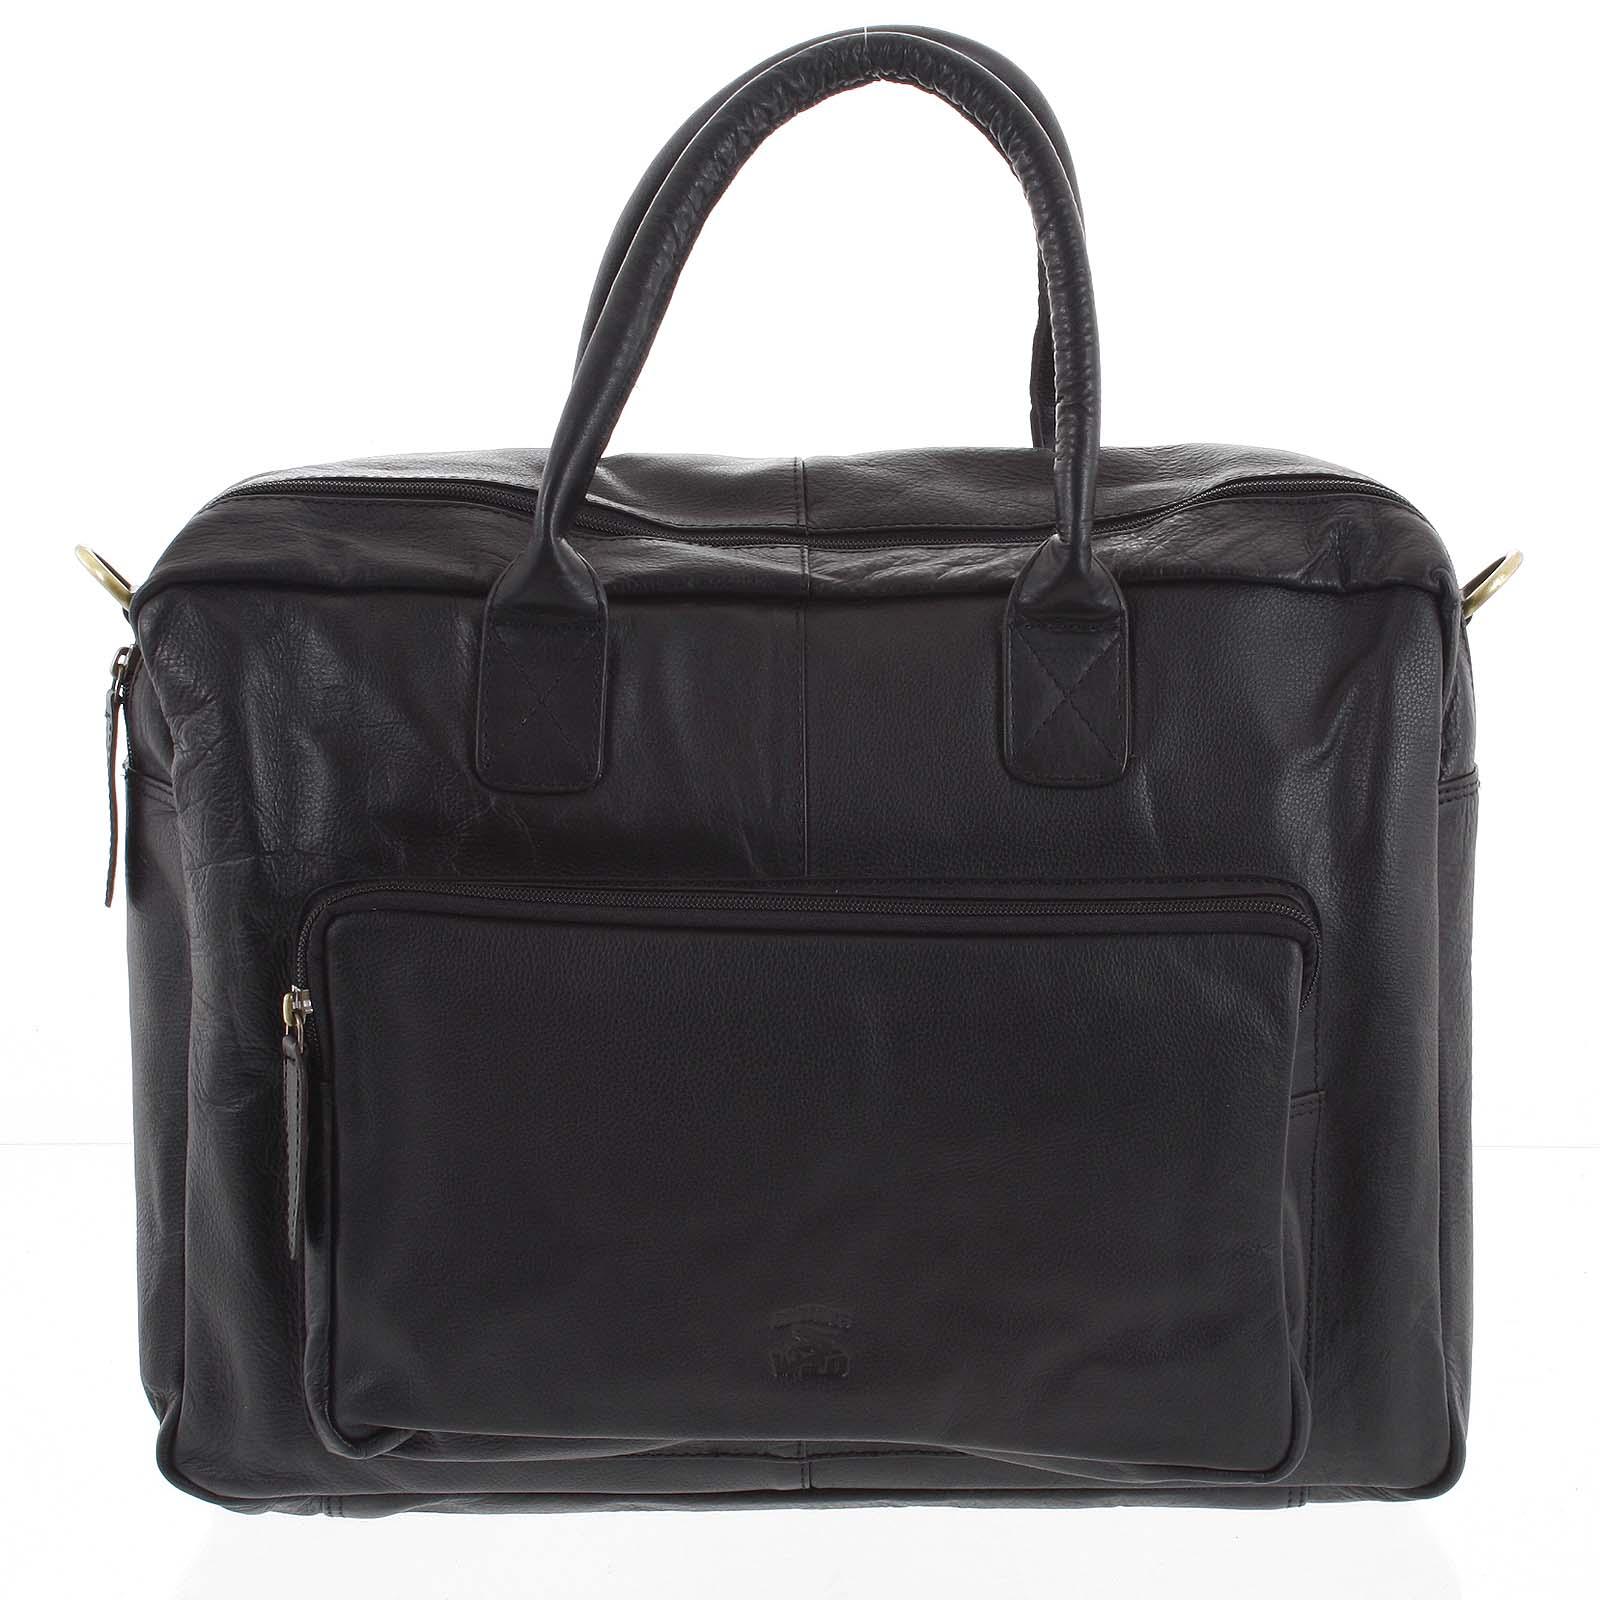 Velká pánská kožená taška černá - WILD Euclides